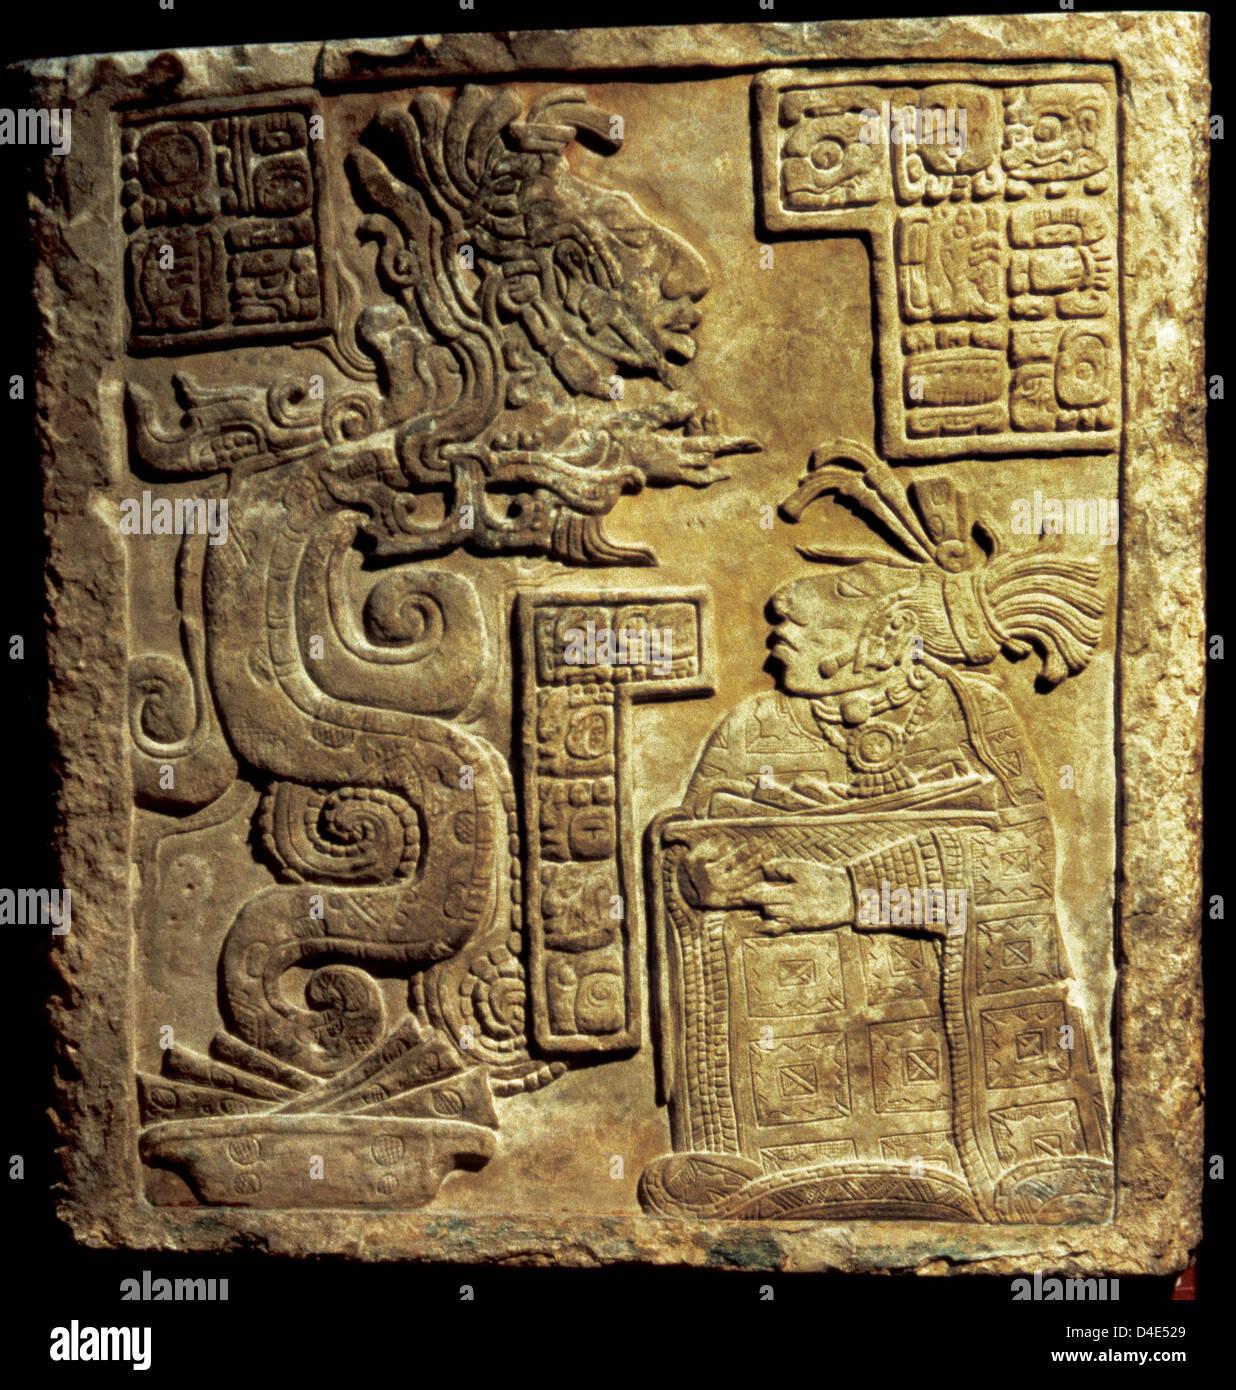 L'art précolombien d'Amérique centrale. Maya. 15 Linteau de Yaxchilan, Maya Classique tardif. Photo Stock